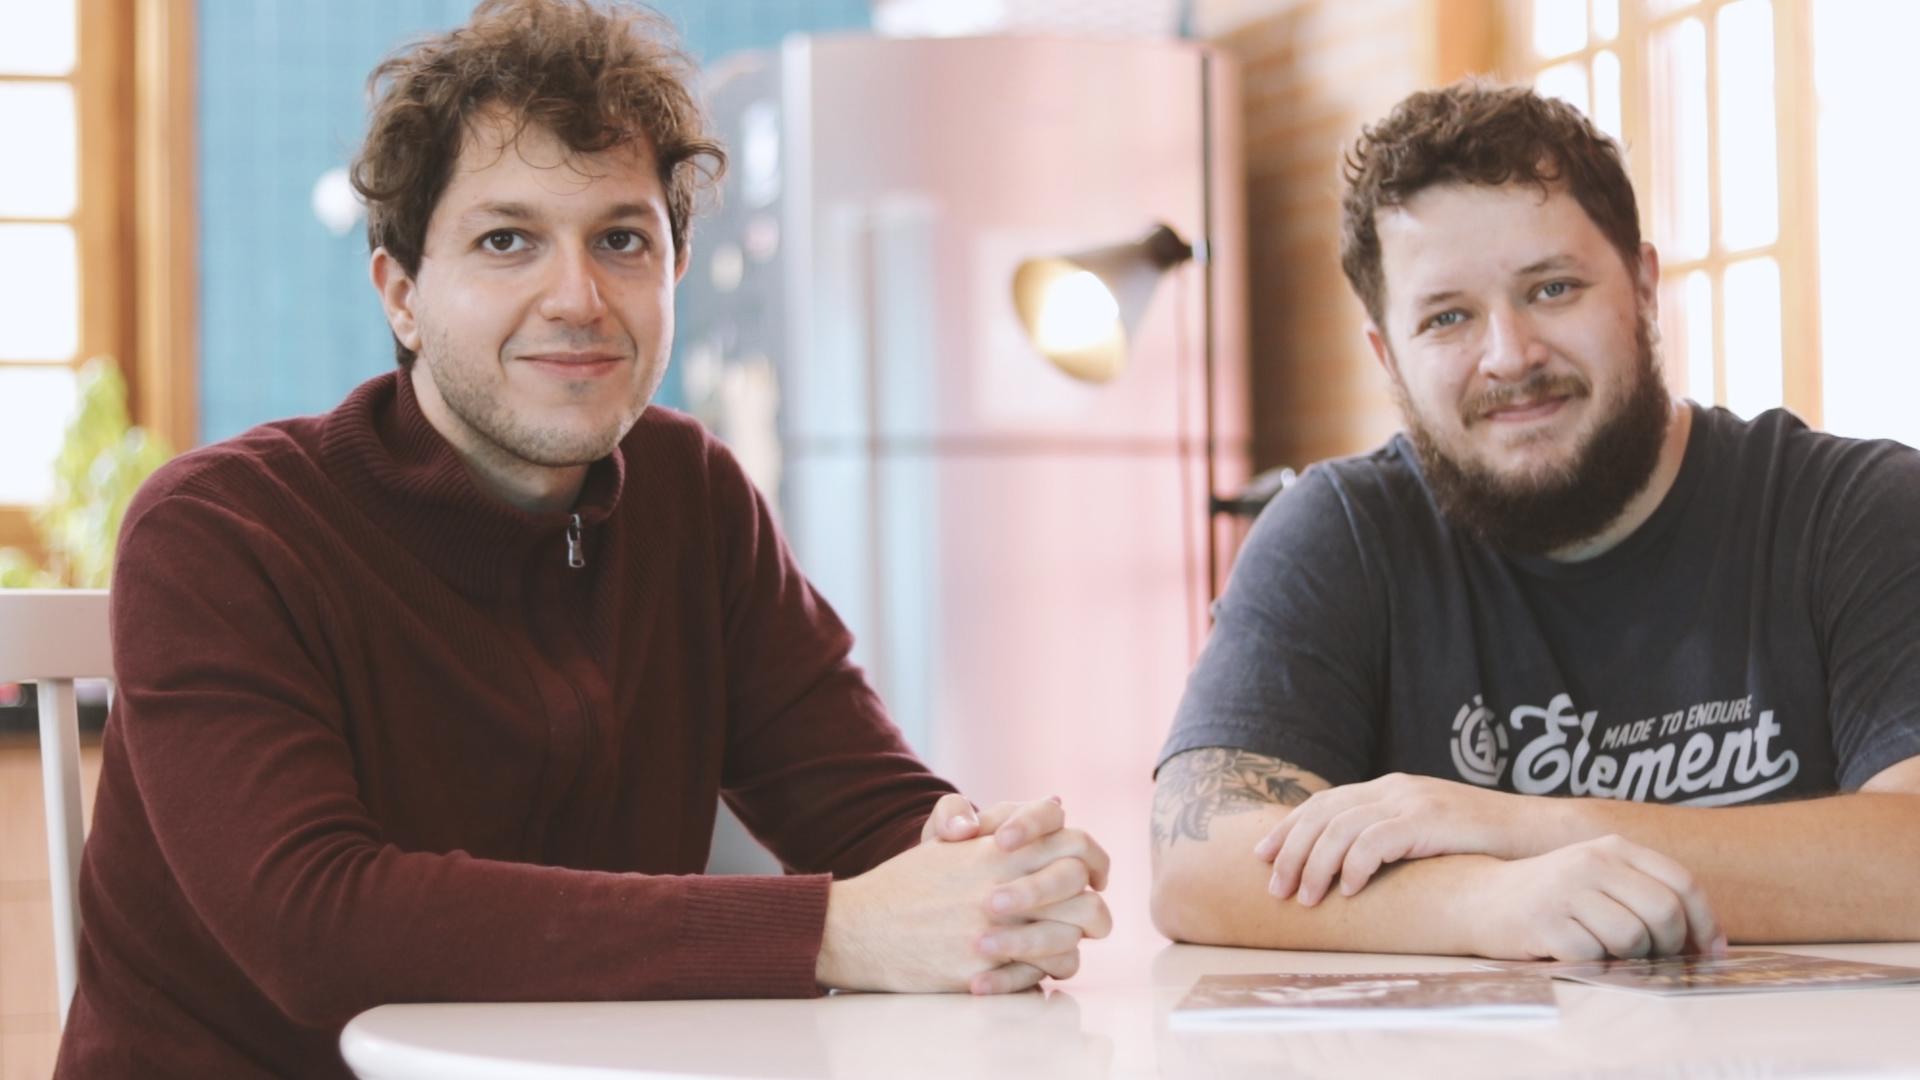 Máquinas Não Choram: conheça a nova HQ de Renato Quirino e André Turtelli